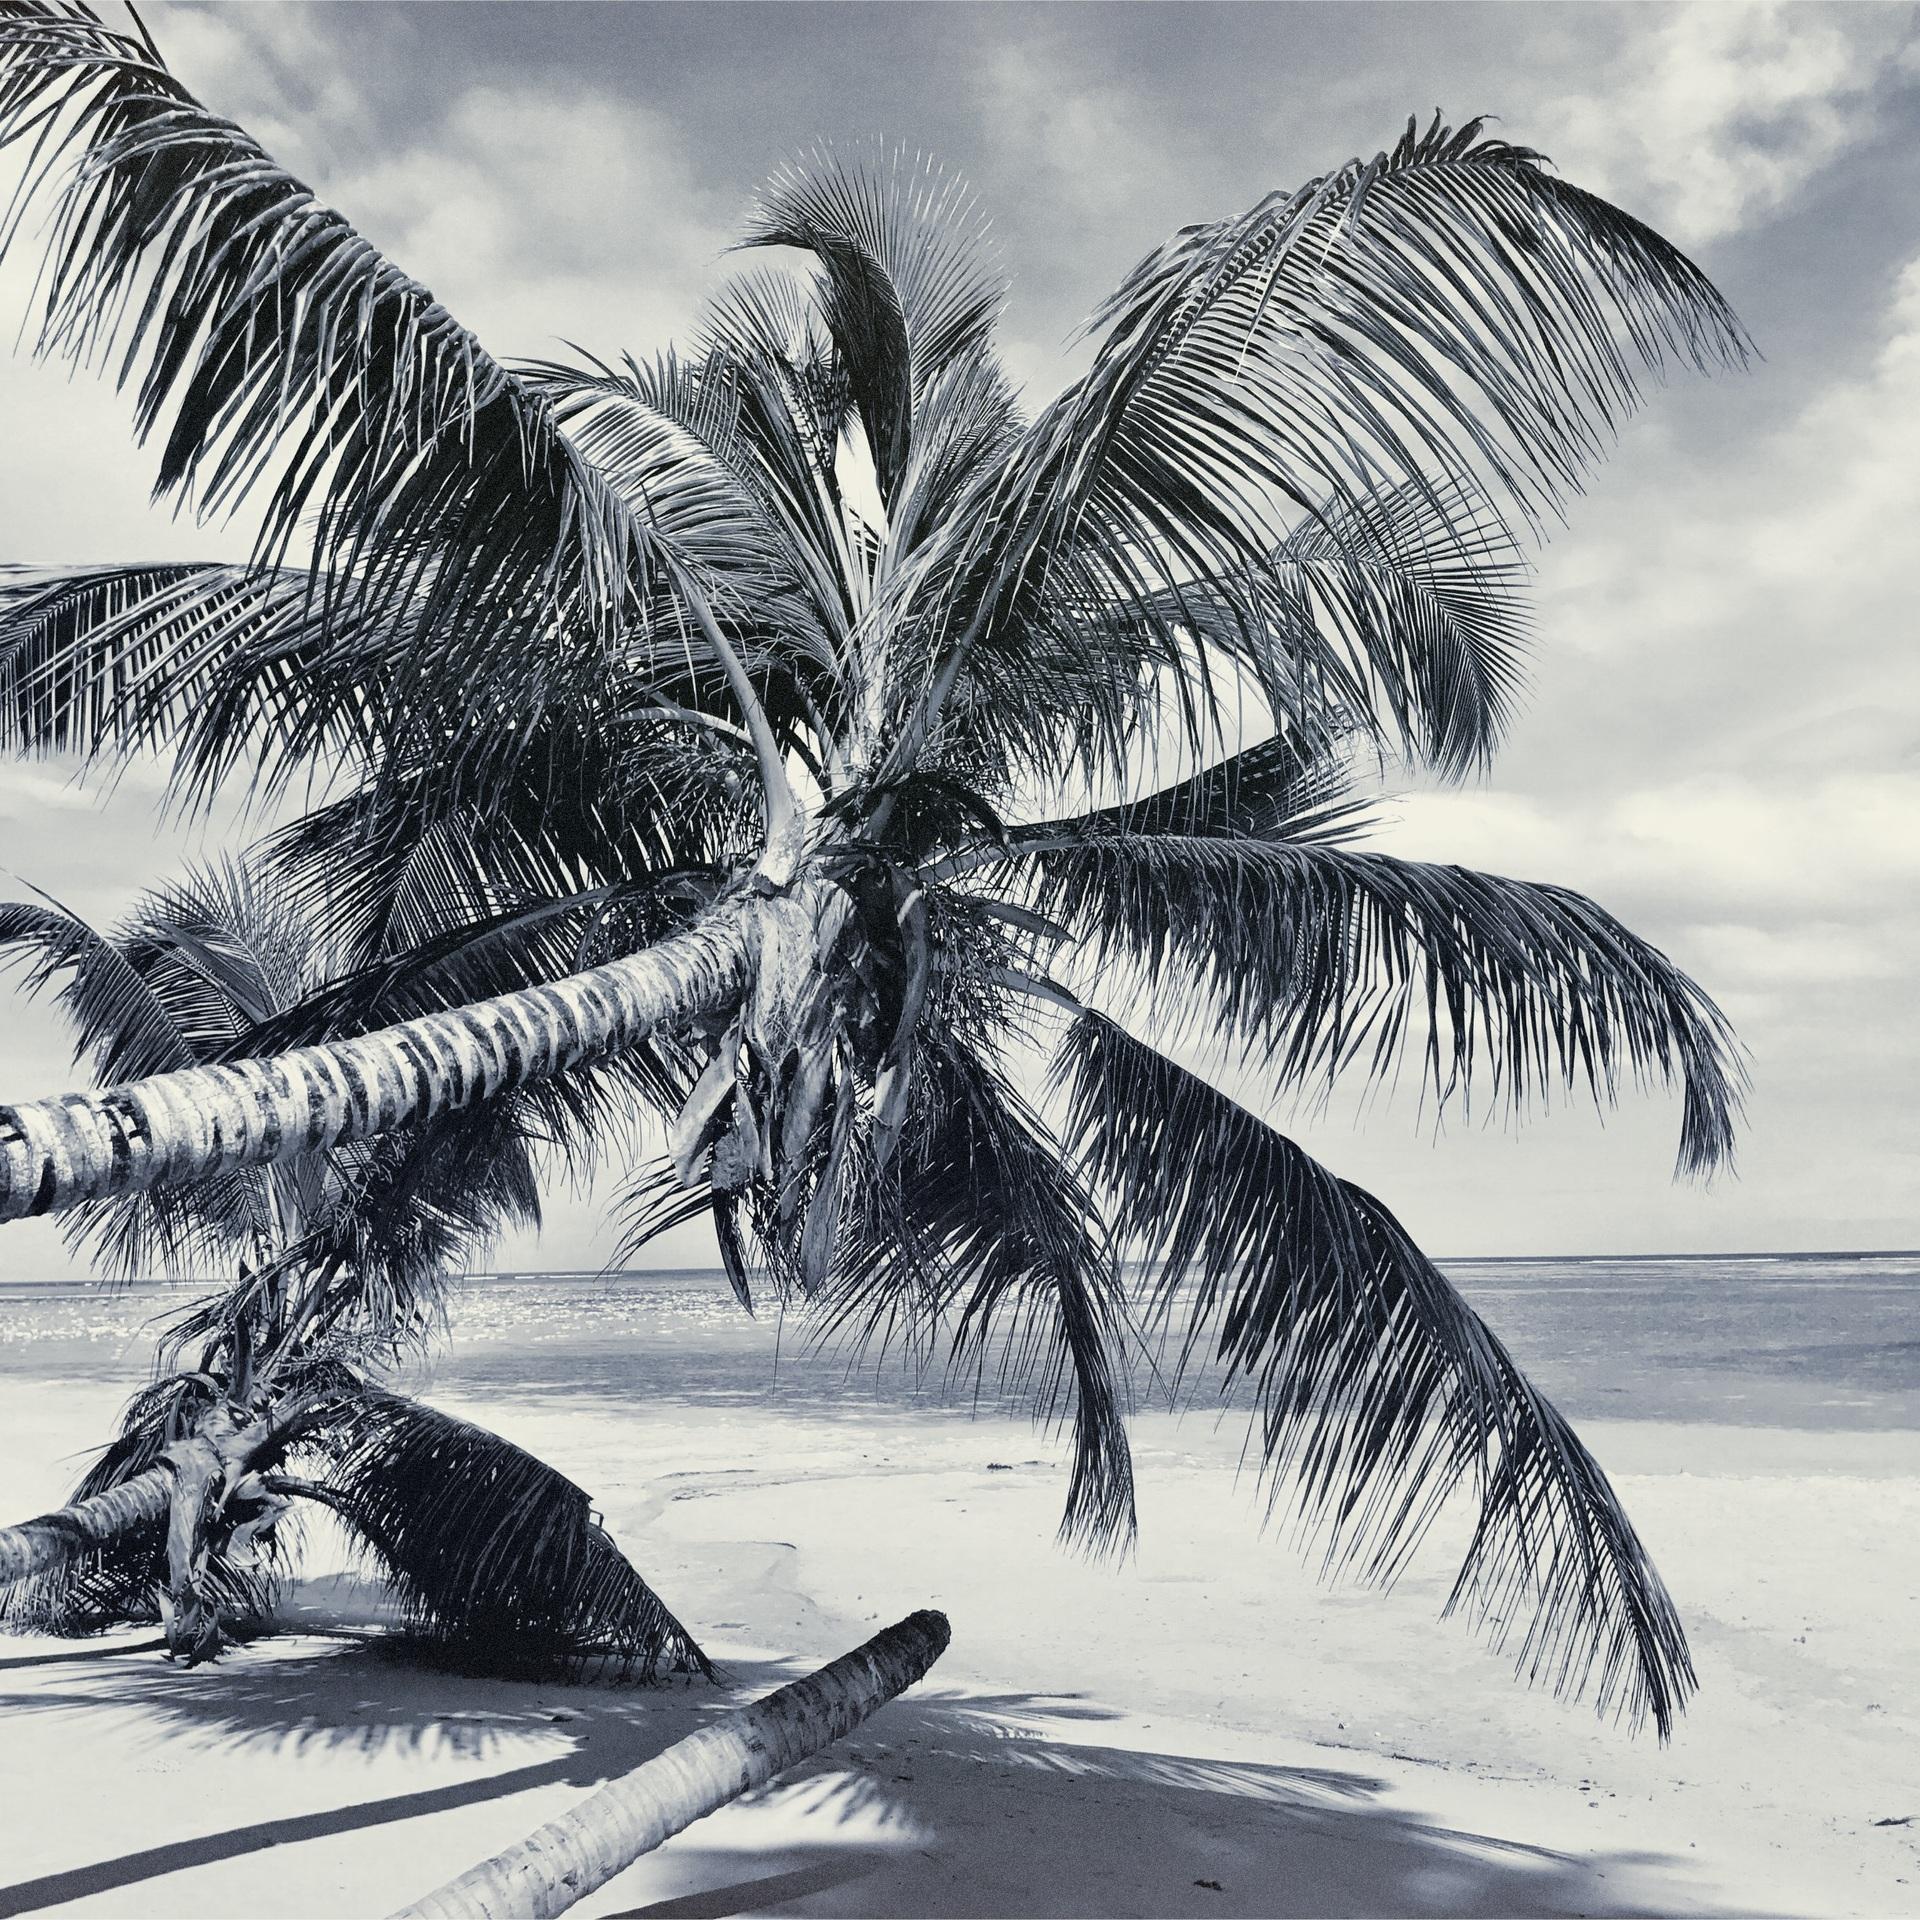 Beach, Palm, Tropical, Sand, Seashore